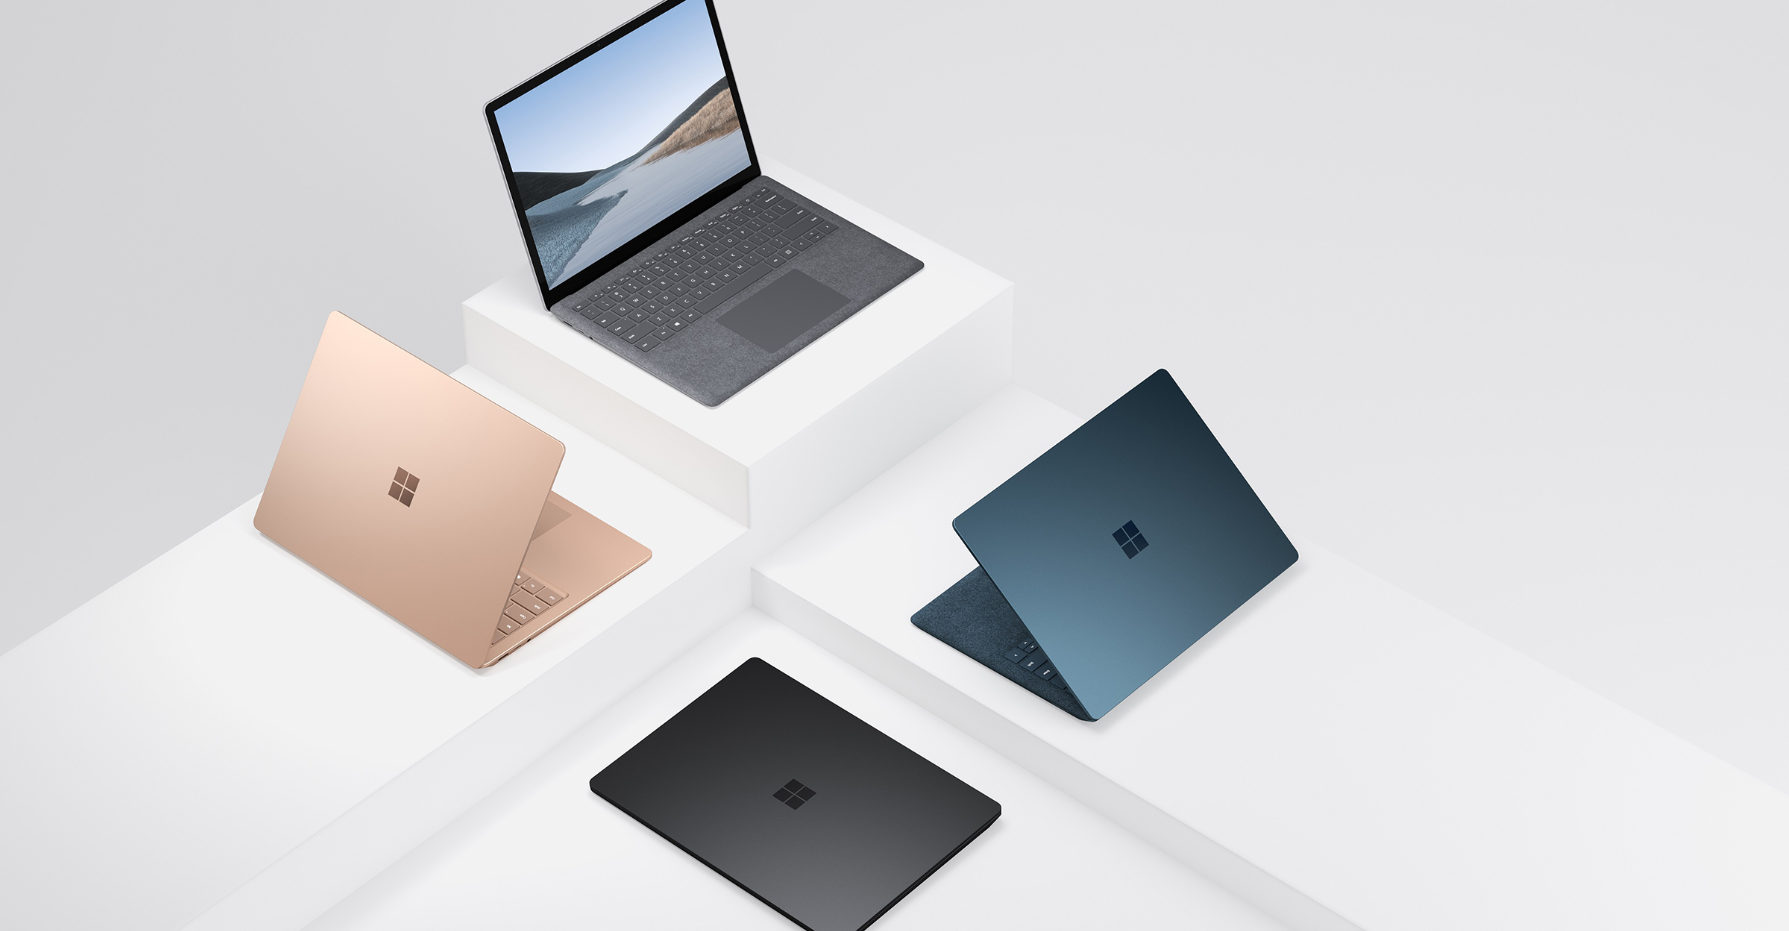 續航力可達 11.5 小時,微軟觸控筆電 Surface Laptop 3 在台灣推出